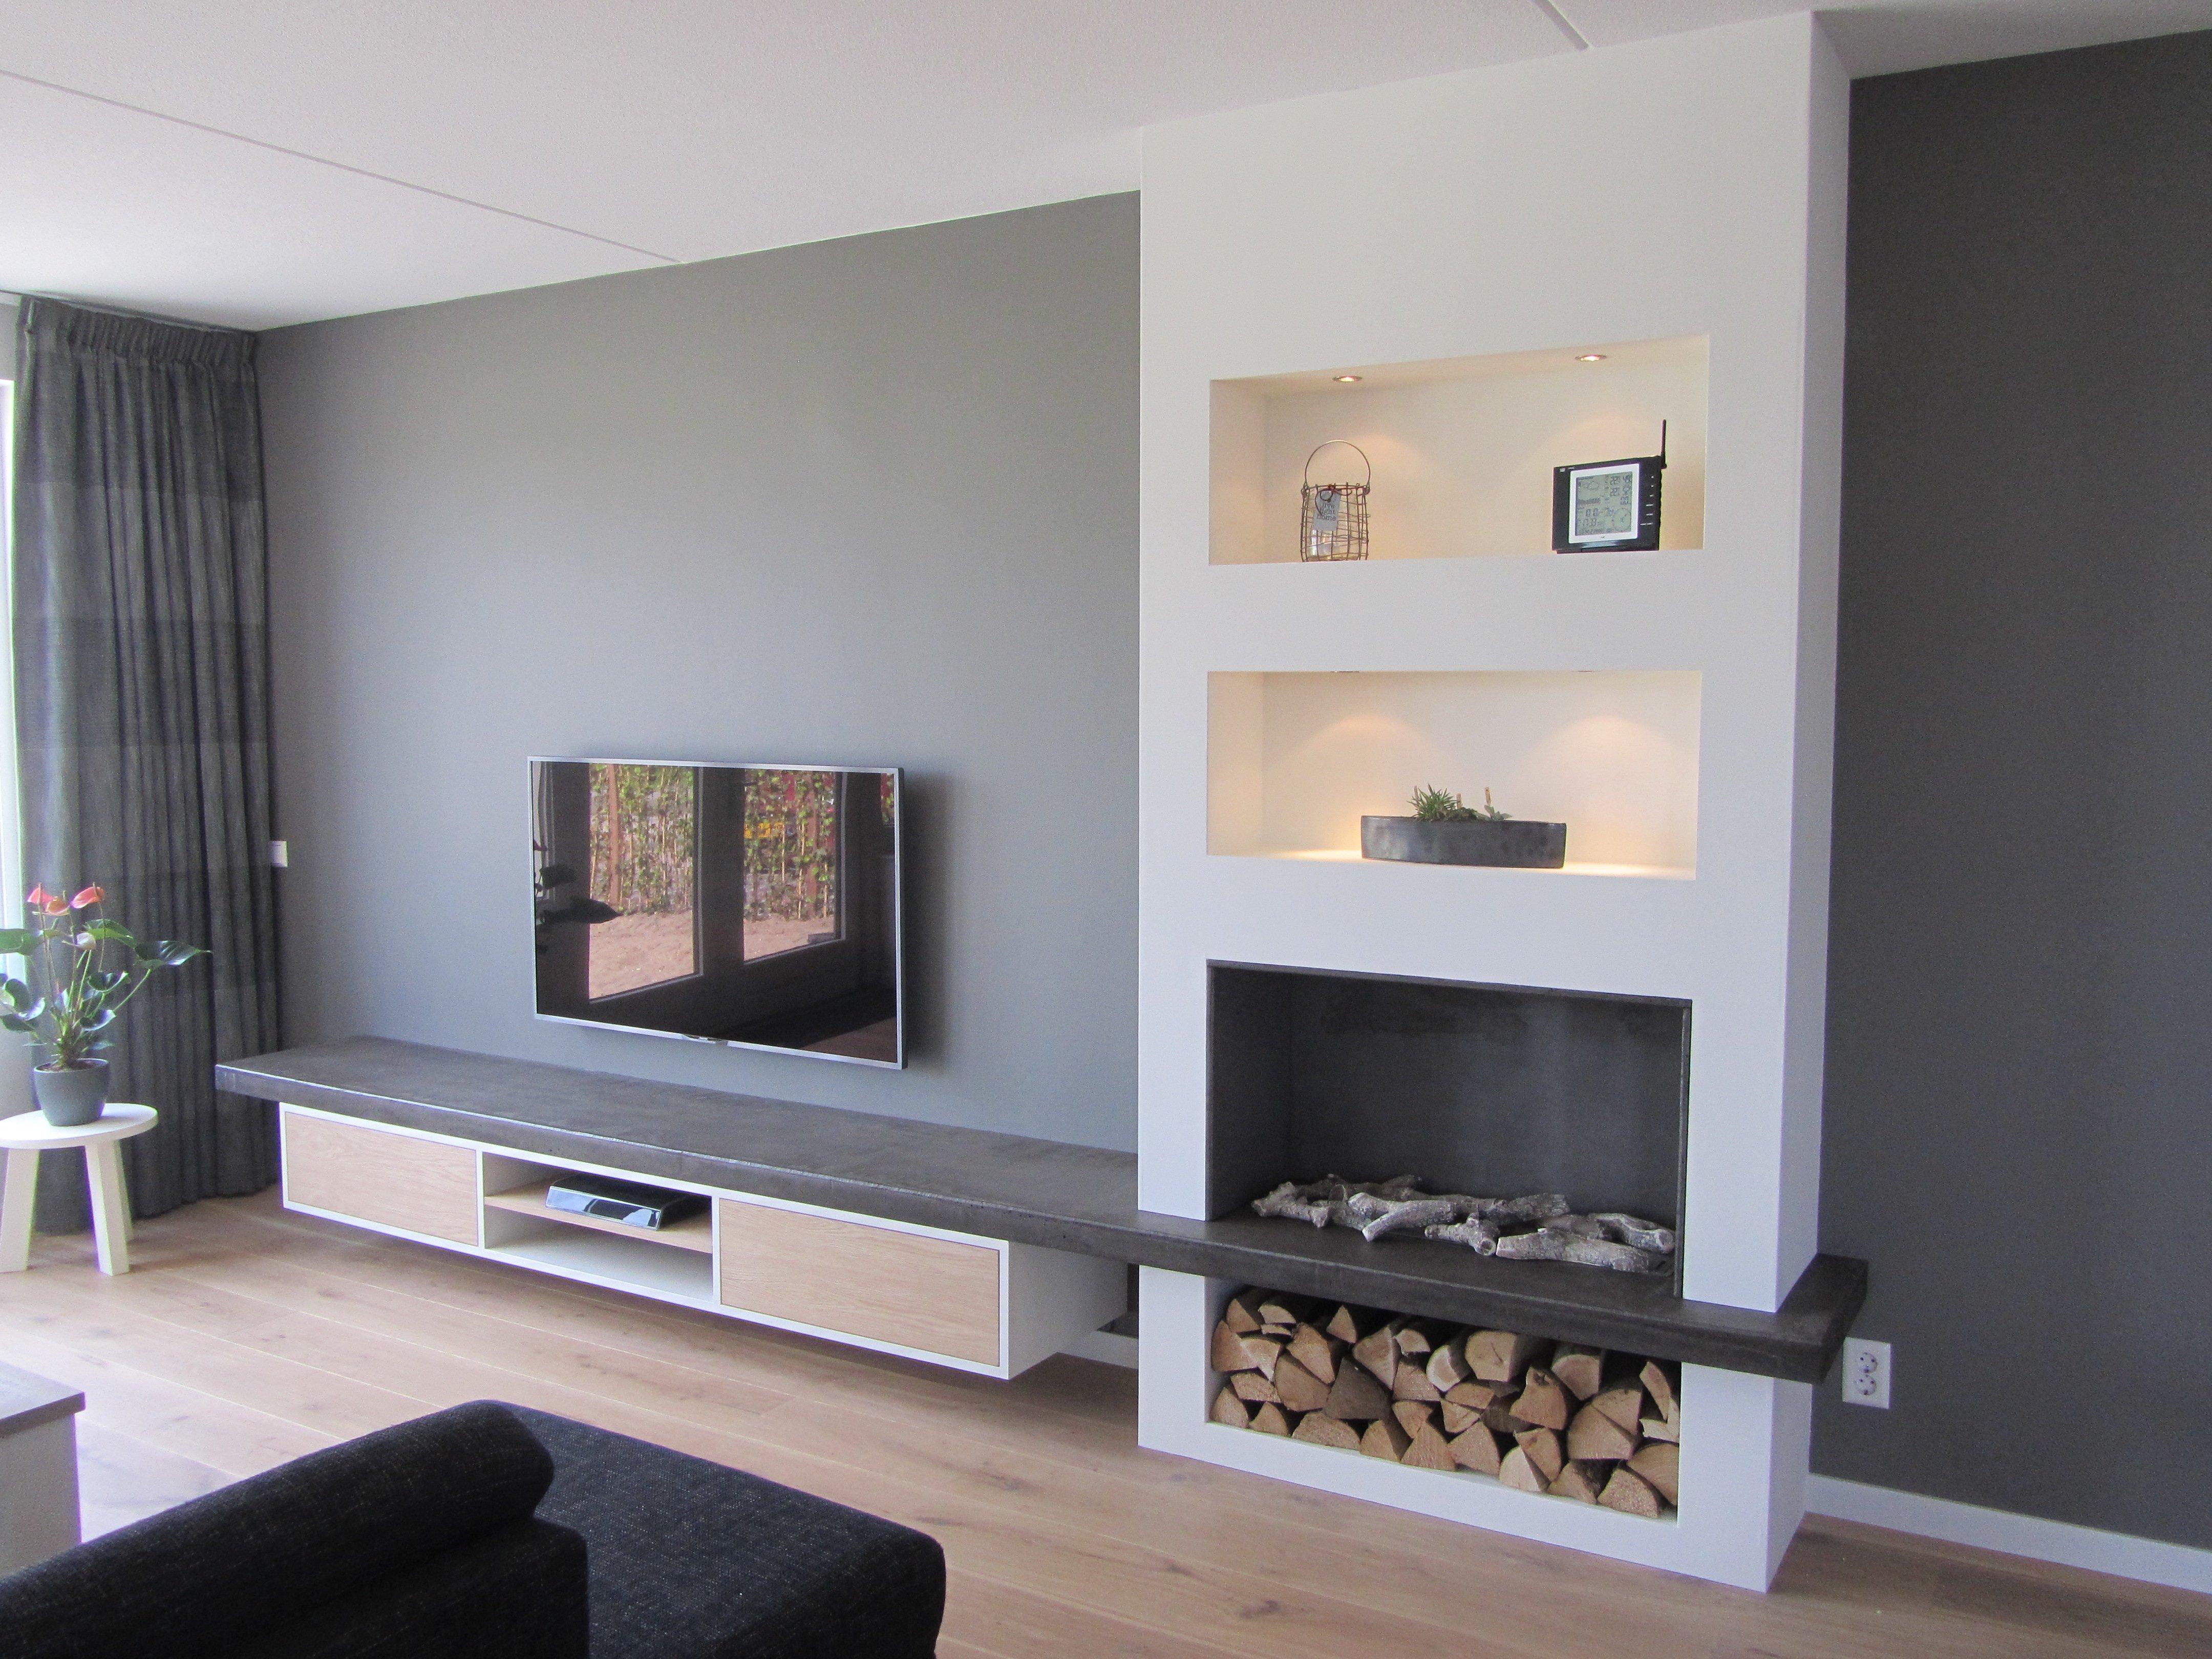 Bekend TV meubel met geïntegreerde haard – Jasper Badoux TC95